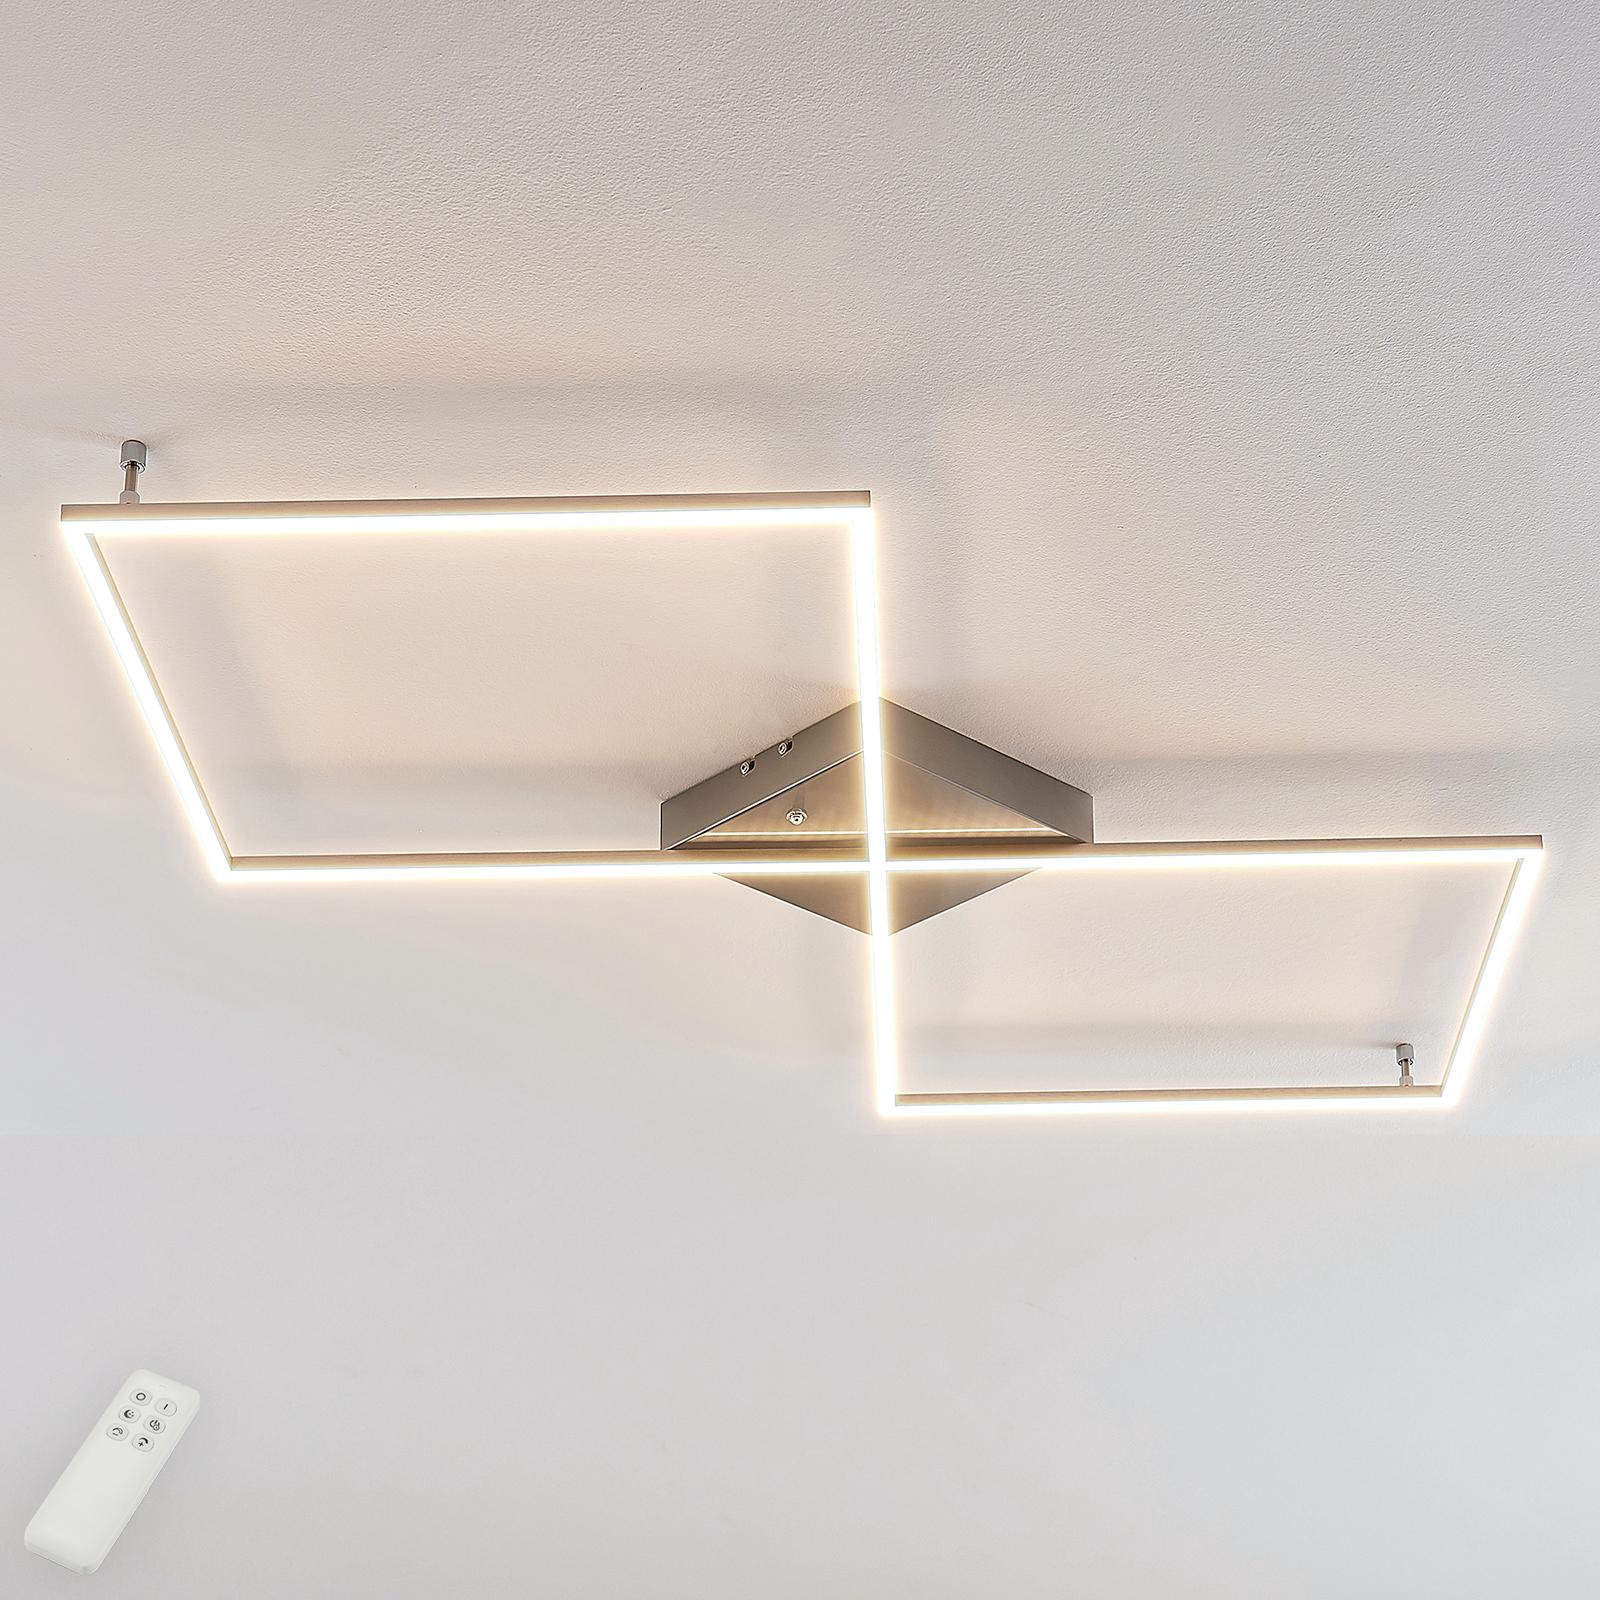 Geradlinige LED-Deckenlampe Romee m. Fernbedienung